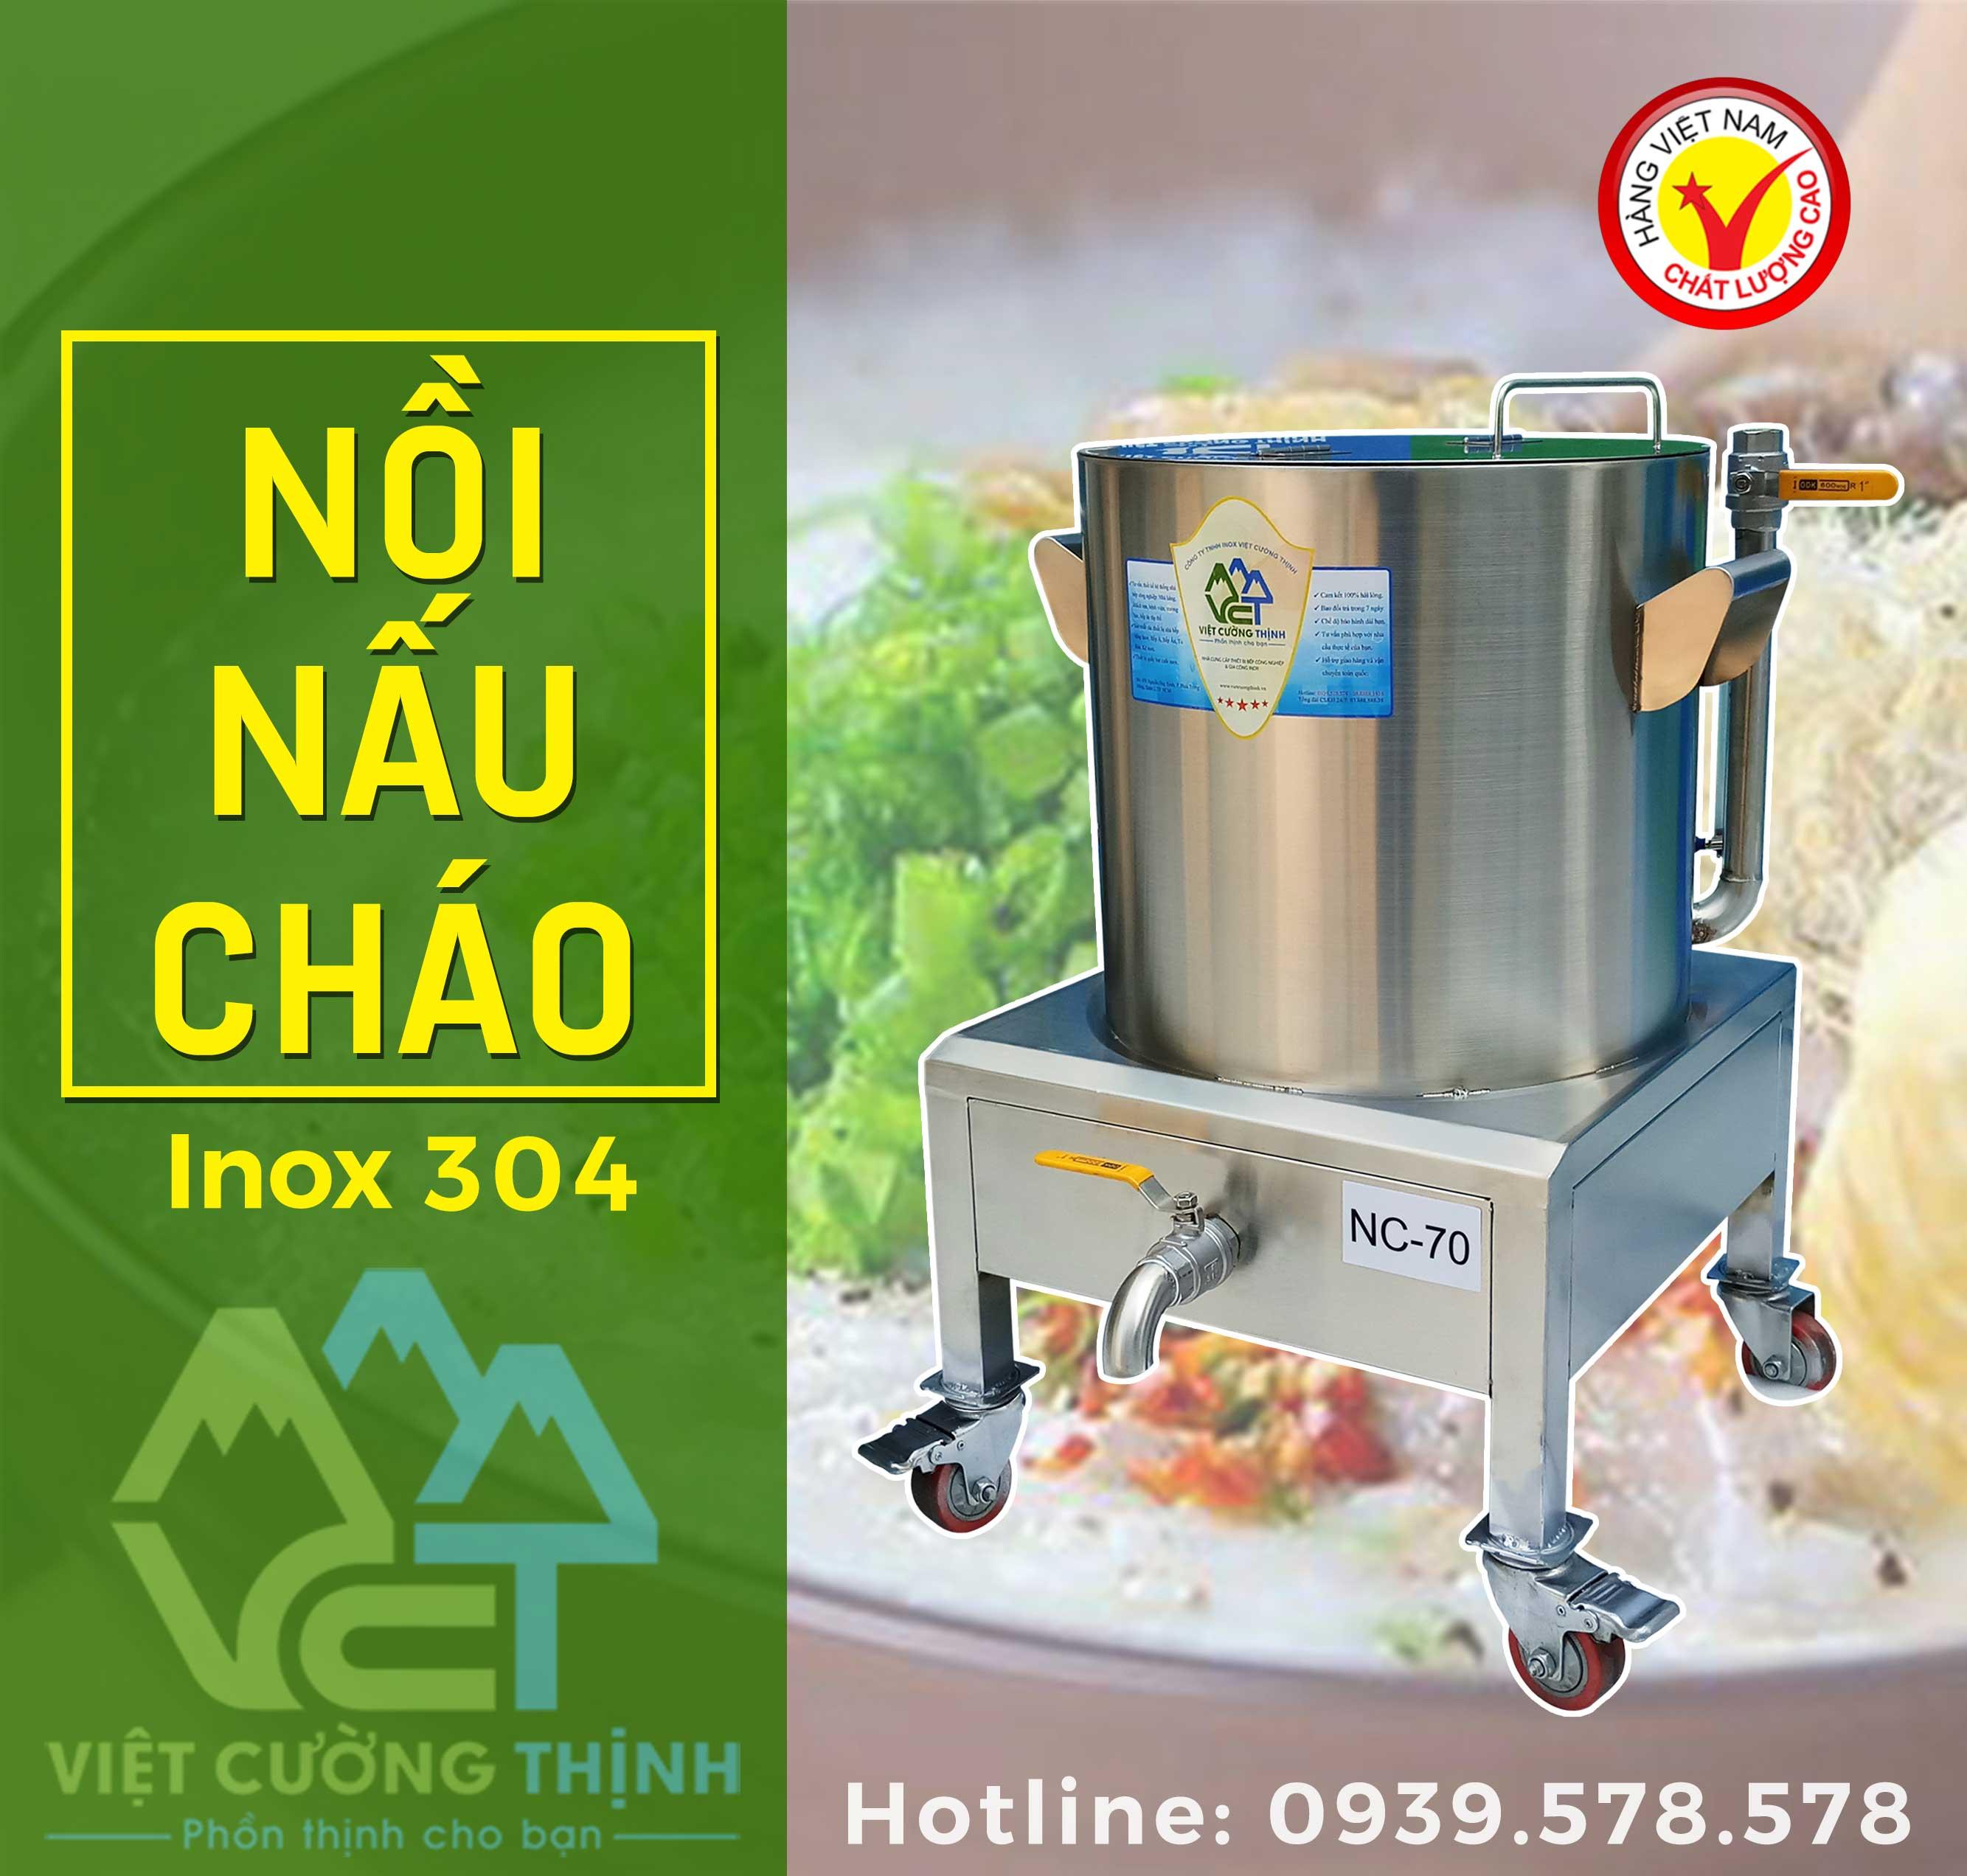 Nồi nấu cháo công nghiệp bằng điện chất lượng cao Việt Cường Thịnh